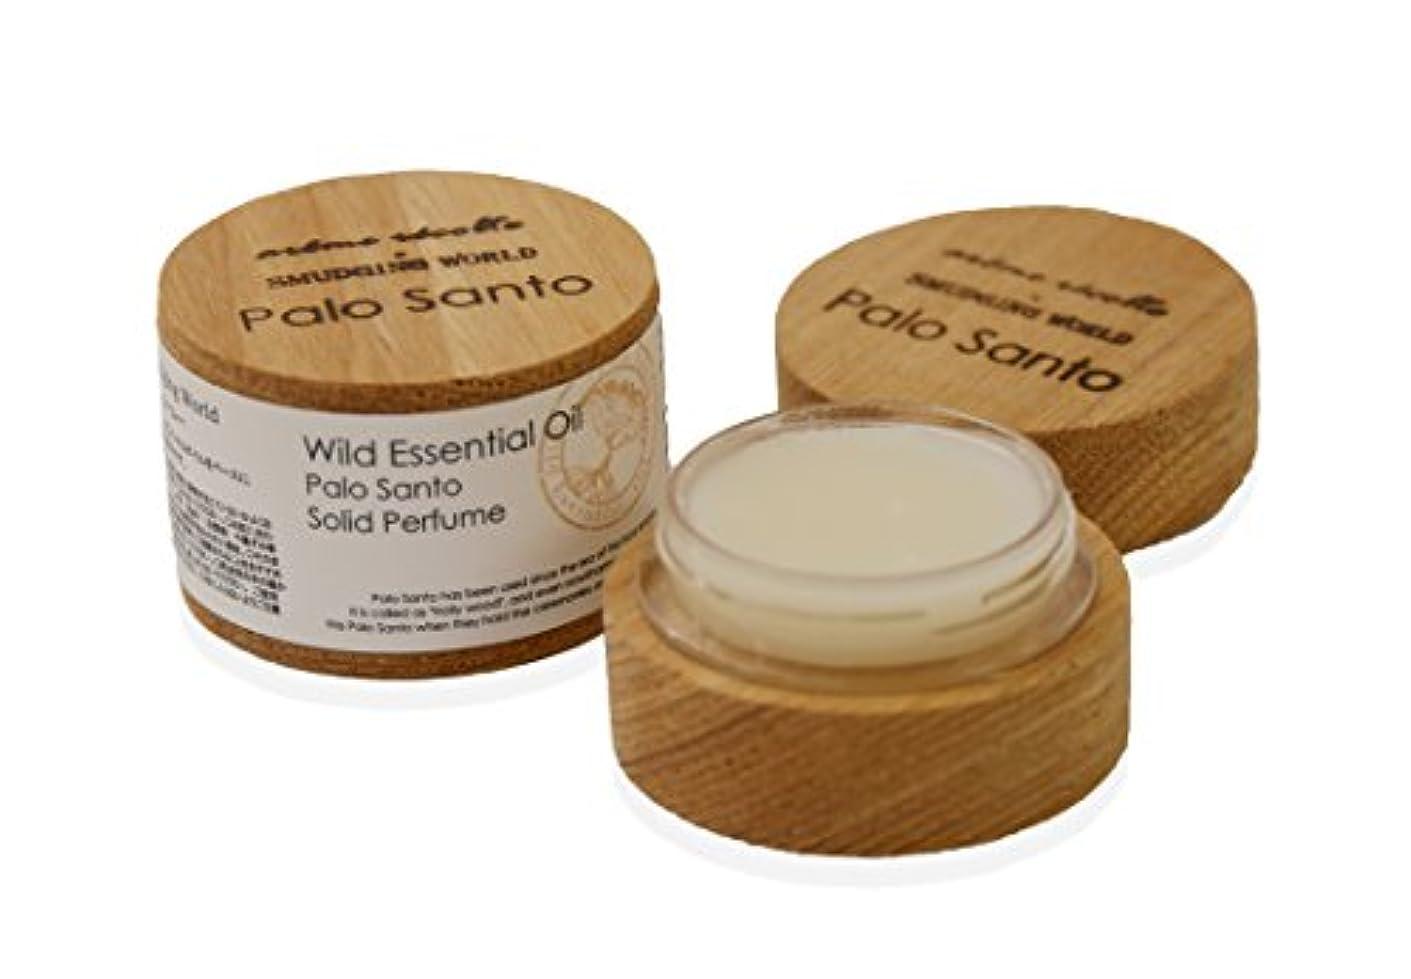 たくさんパターン愛情深いアロマレコルト ソリッドパフューム パロサント 【Palo Santo】 ワイルド エッセンシャルオイル wild essential oil solid parfum arome recolte